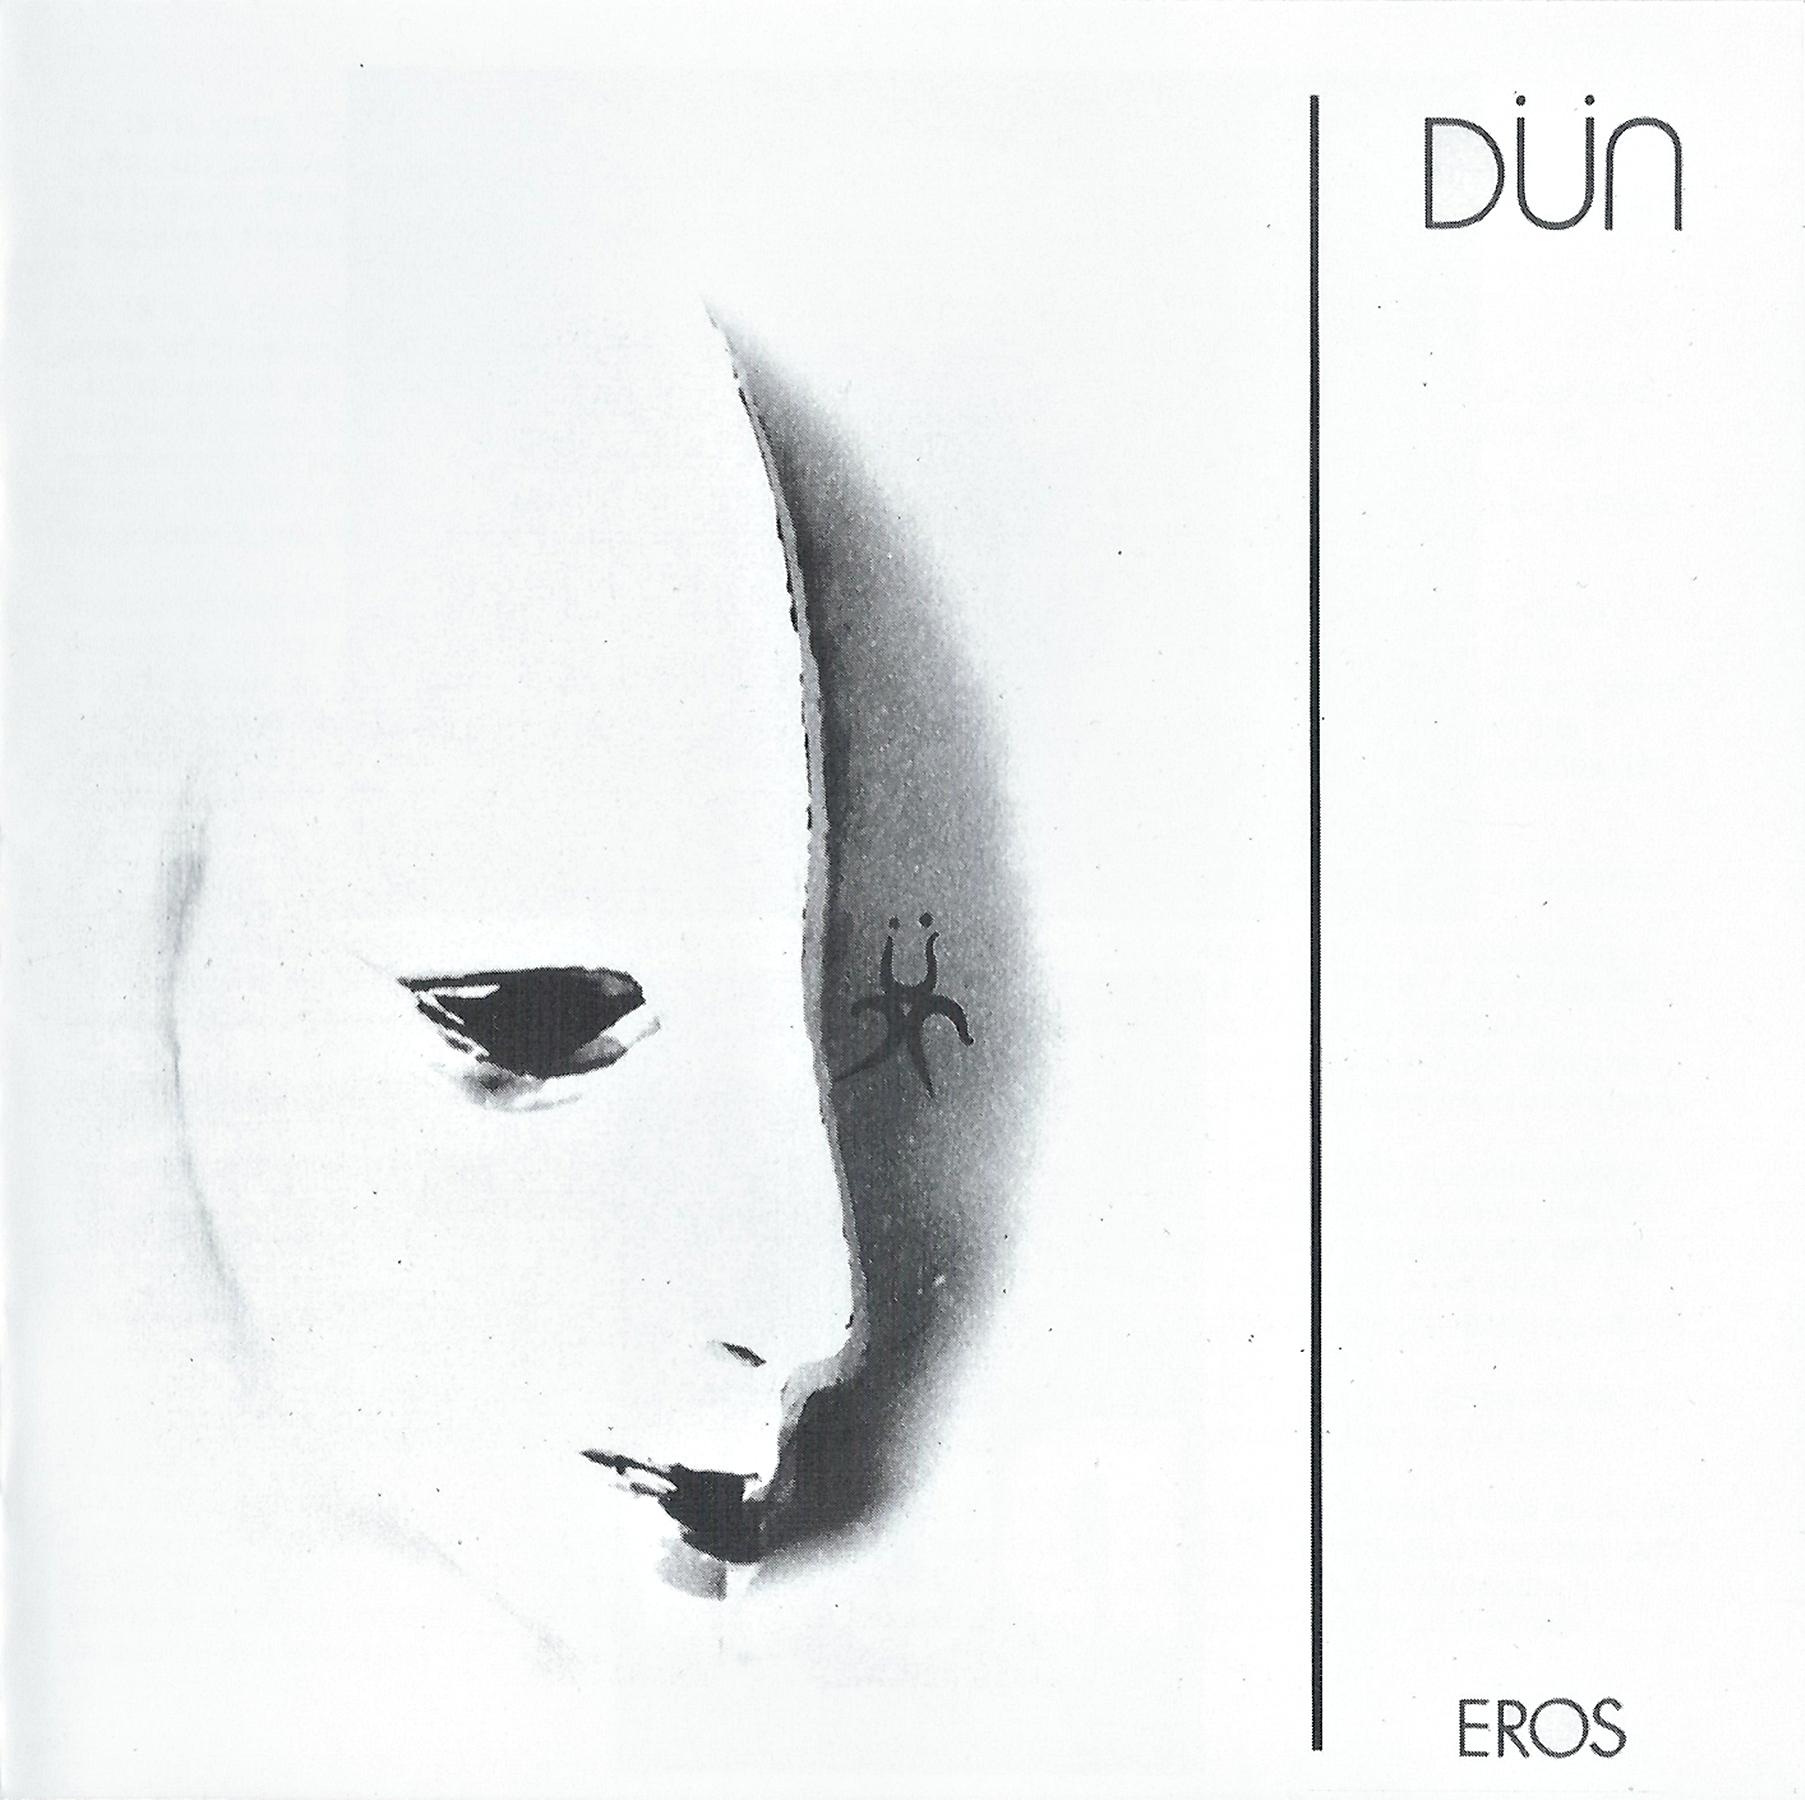 Dün - Eros